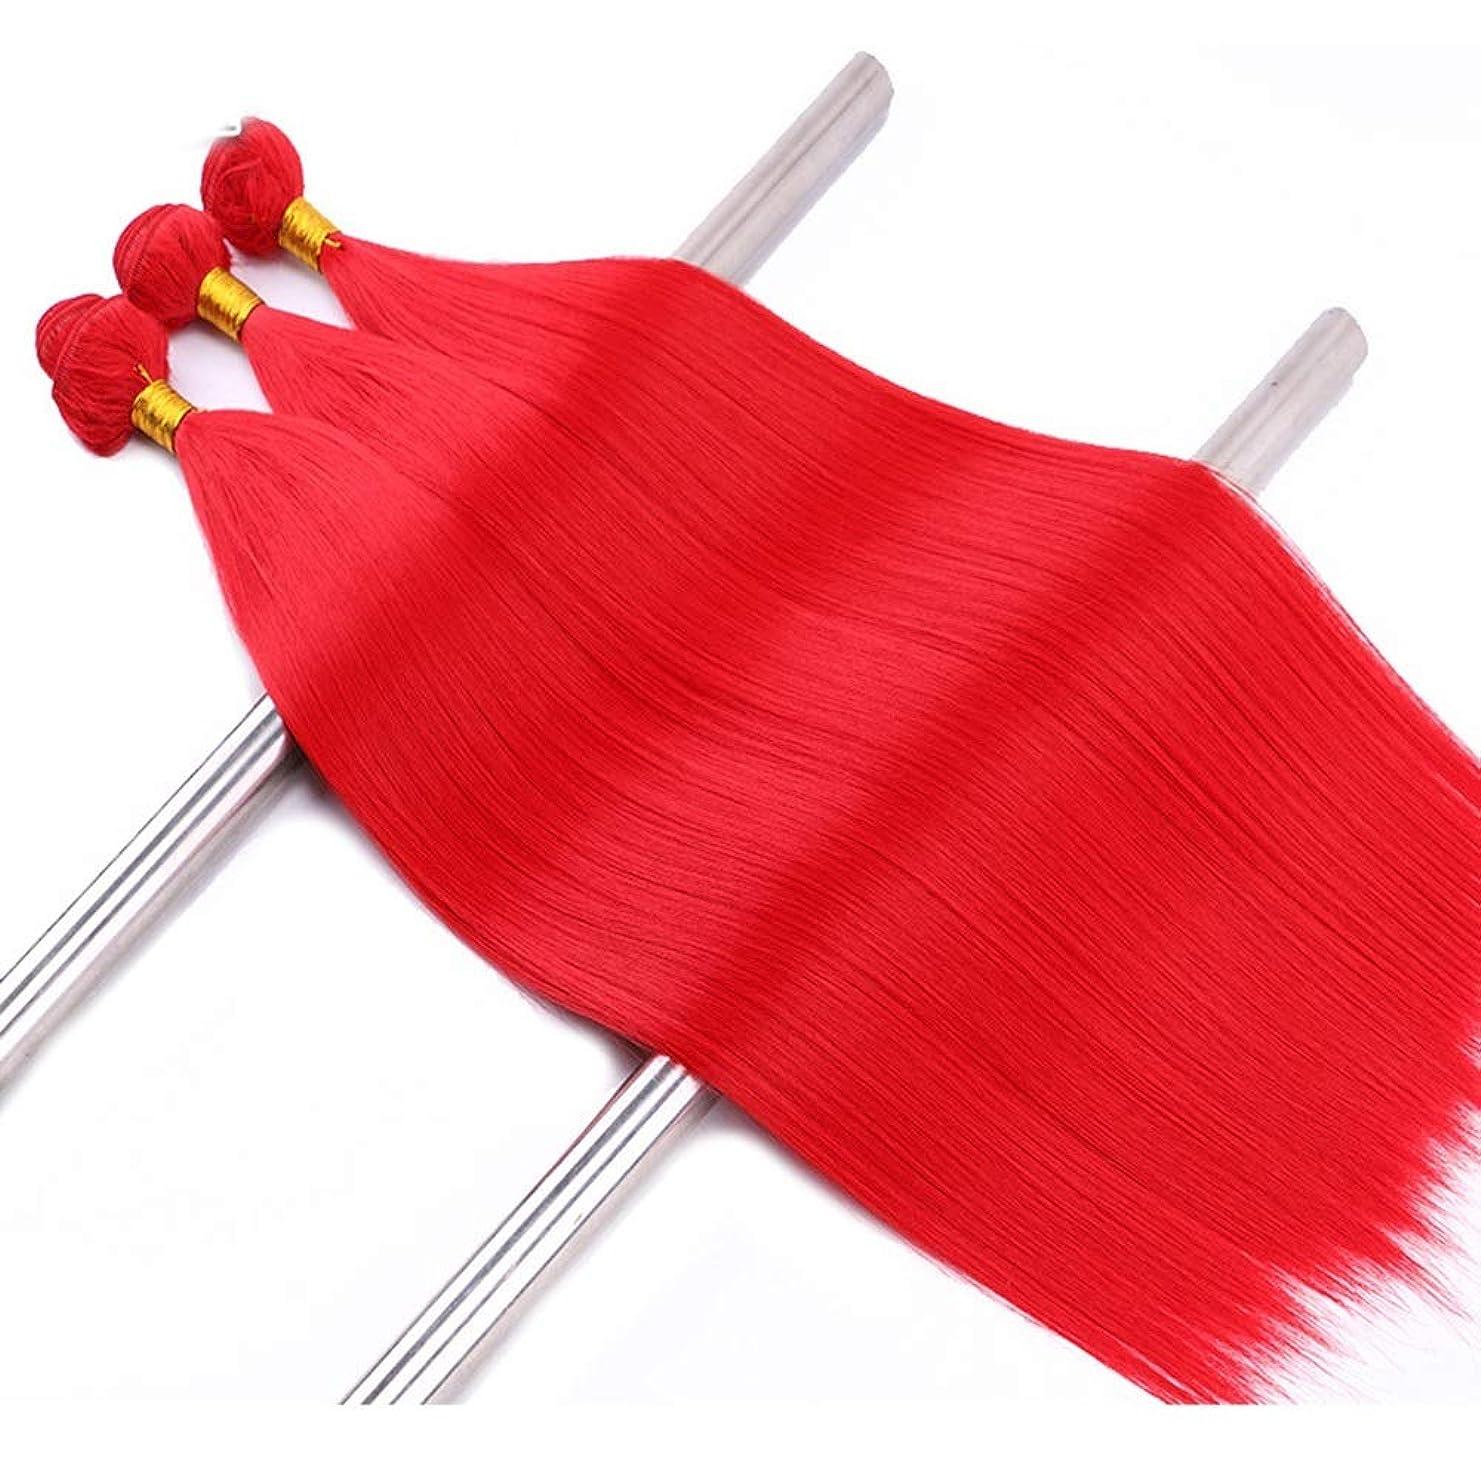 ボートフィット自分のためにHOHYLLYA レディース赤ストレートヘアカーテン耐熱繊維人工毛ウィッグウィッグ(3束)パーティーウィッグ (色 : Blonde, サイズ : 22inch)